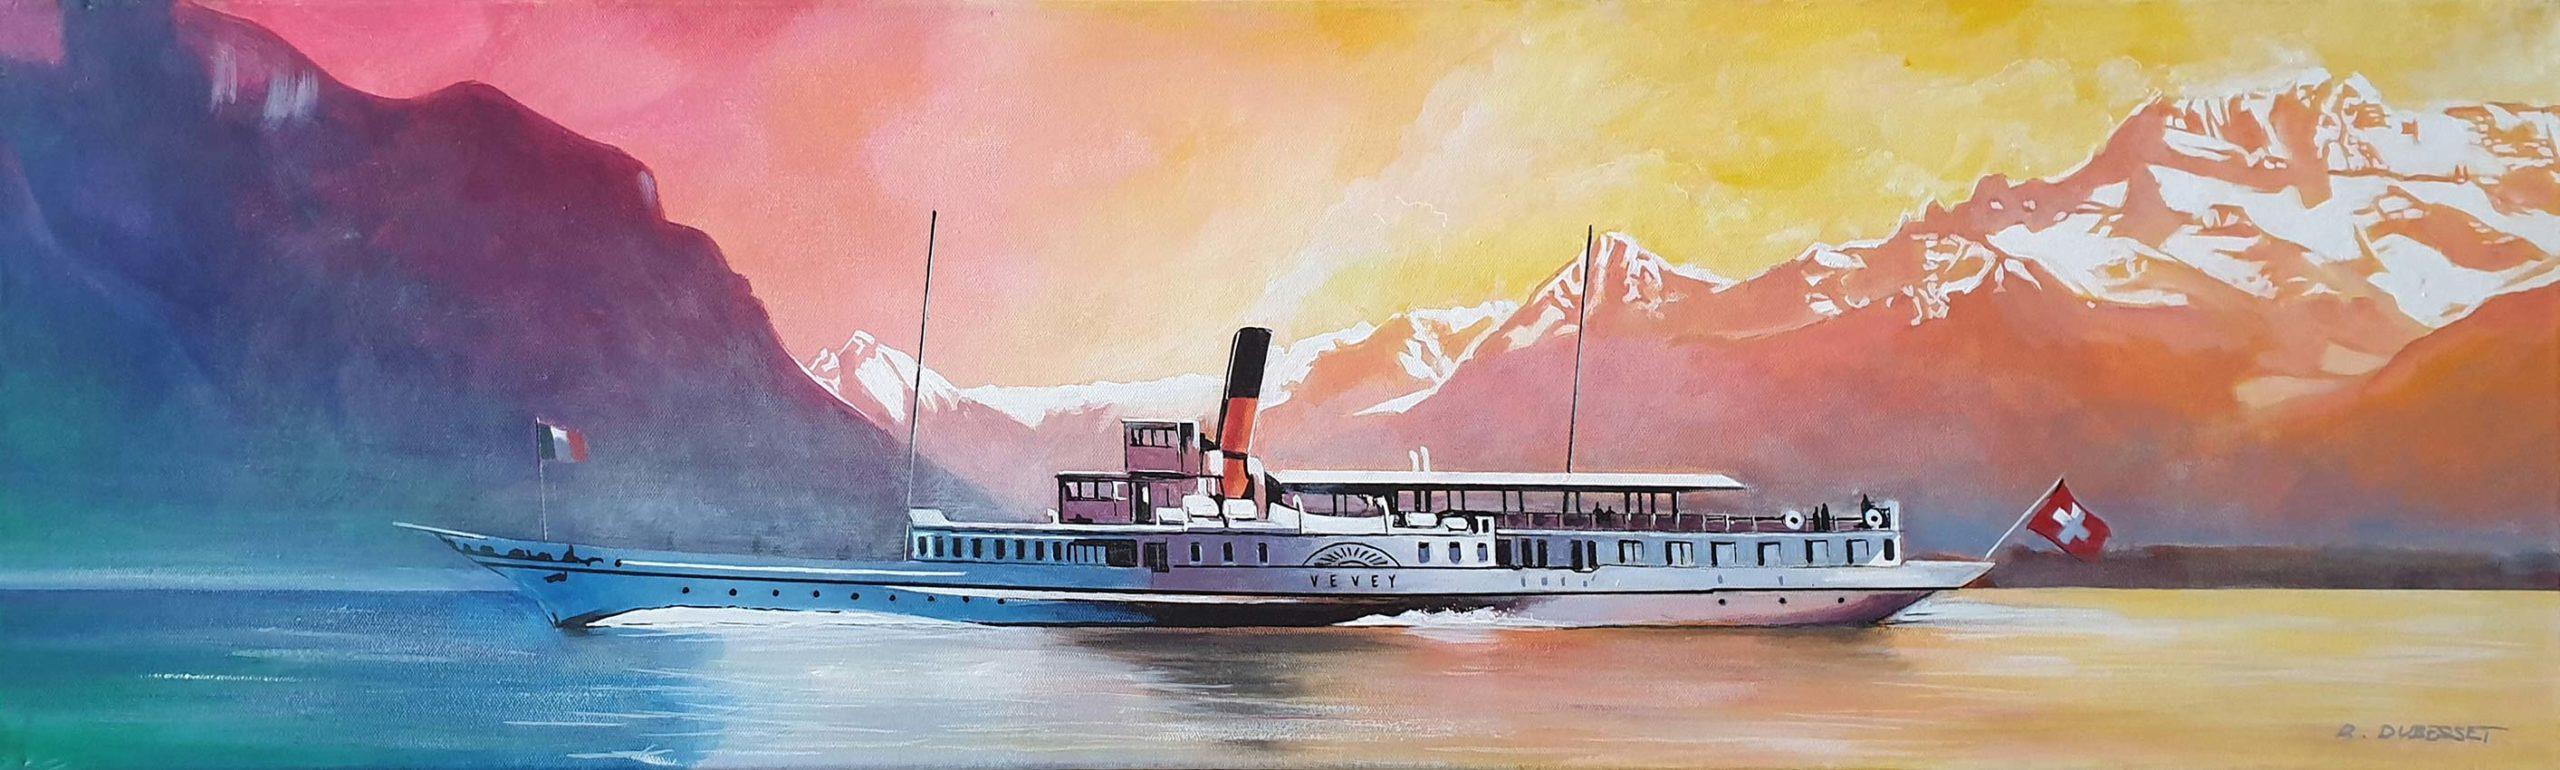 Bateau CGN, Vevey, acrylique sur toile 30 x 100cm